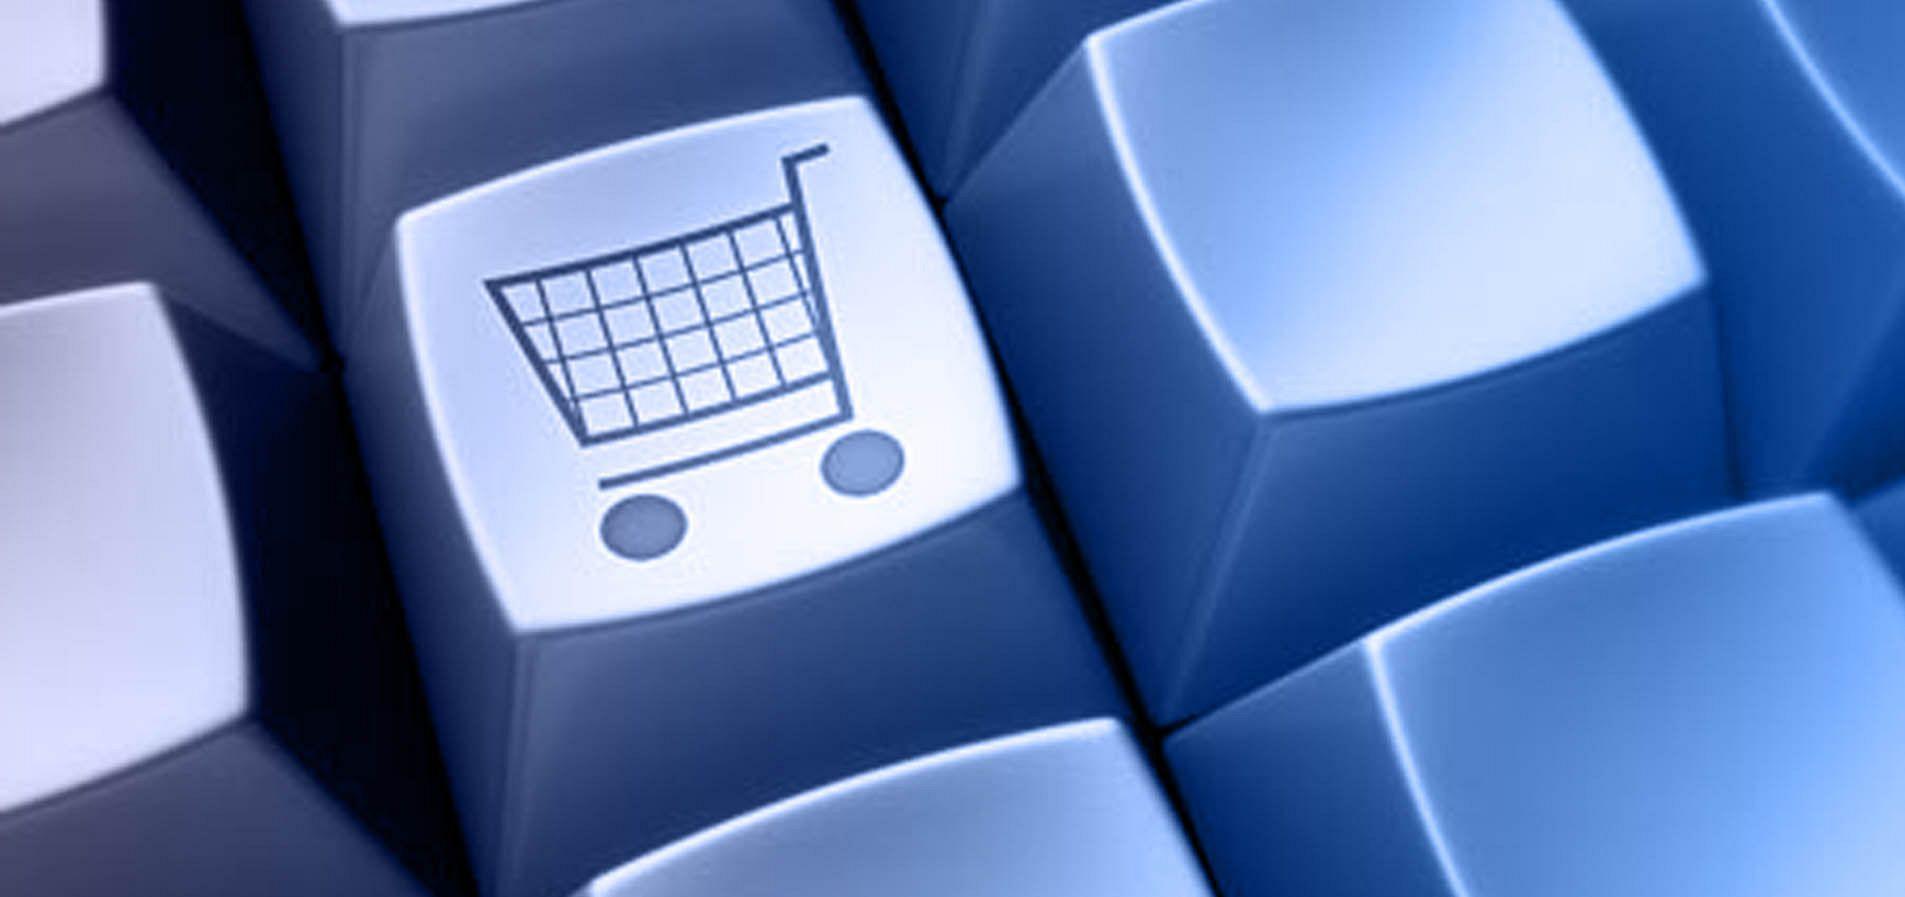 știri despre comerțul pe internet)